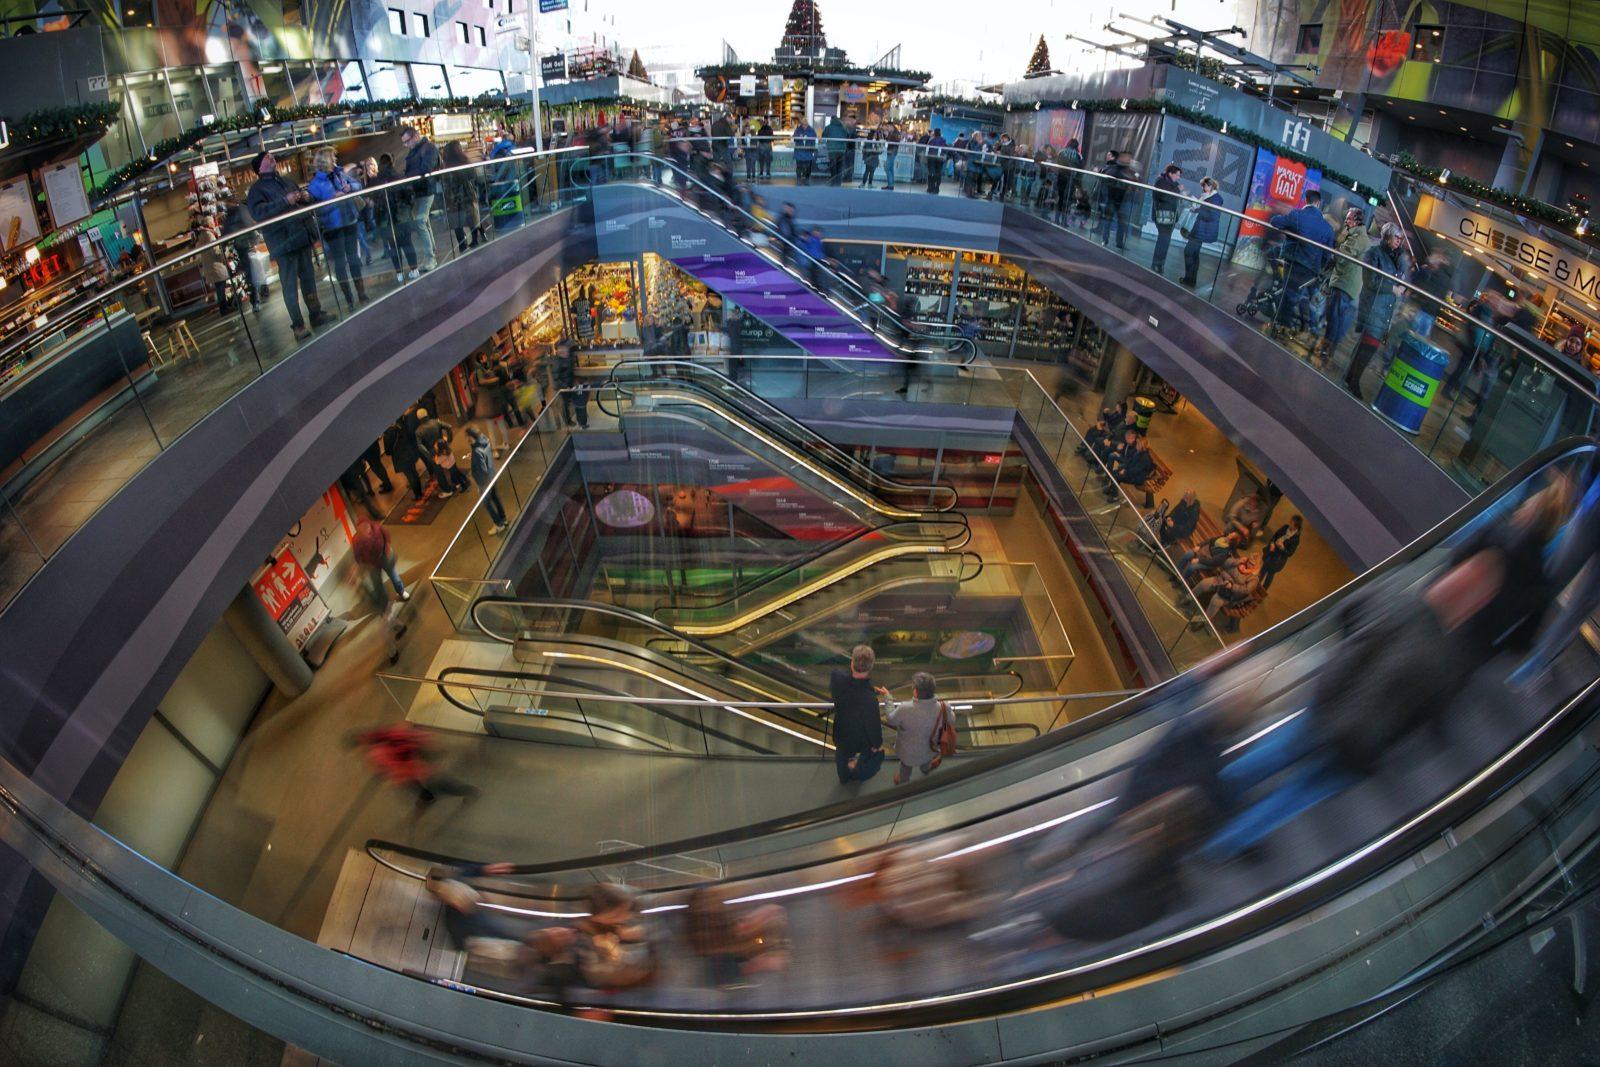 Требования пожарной безопасности к торговым центрам — где правда?